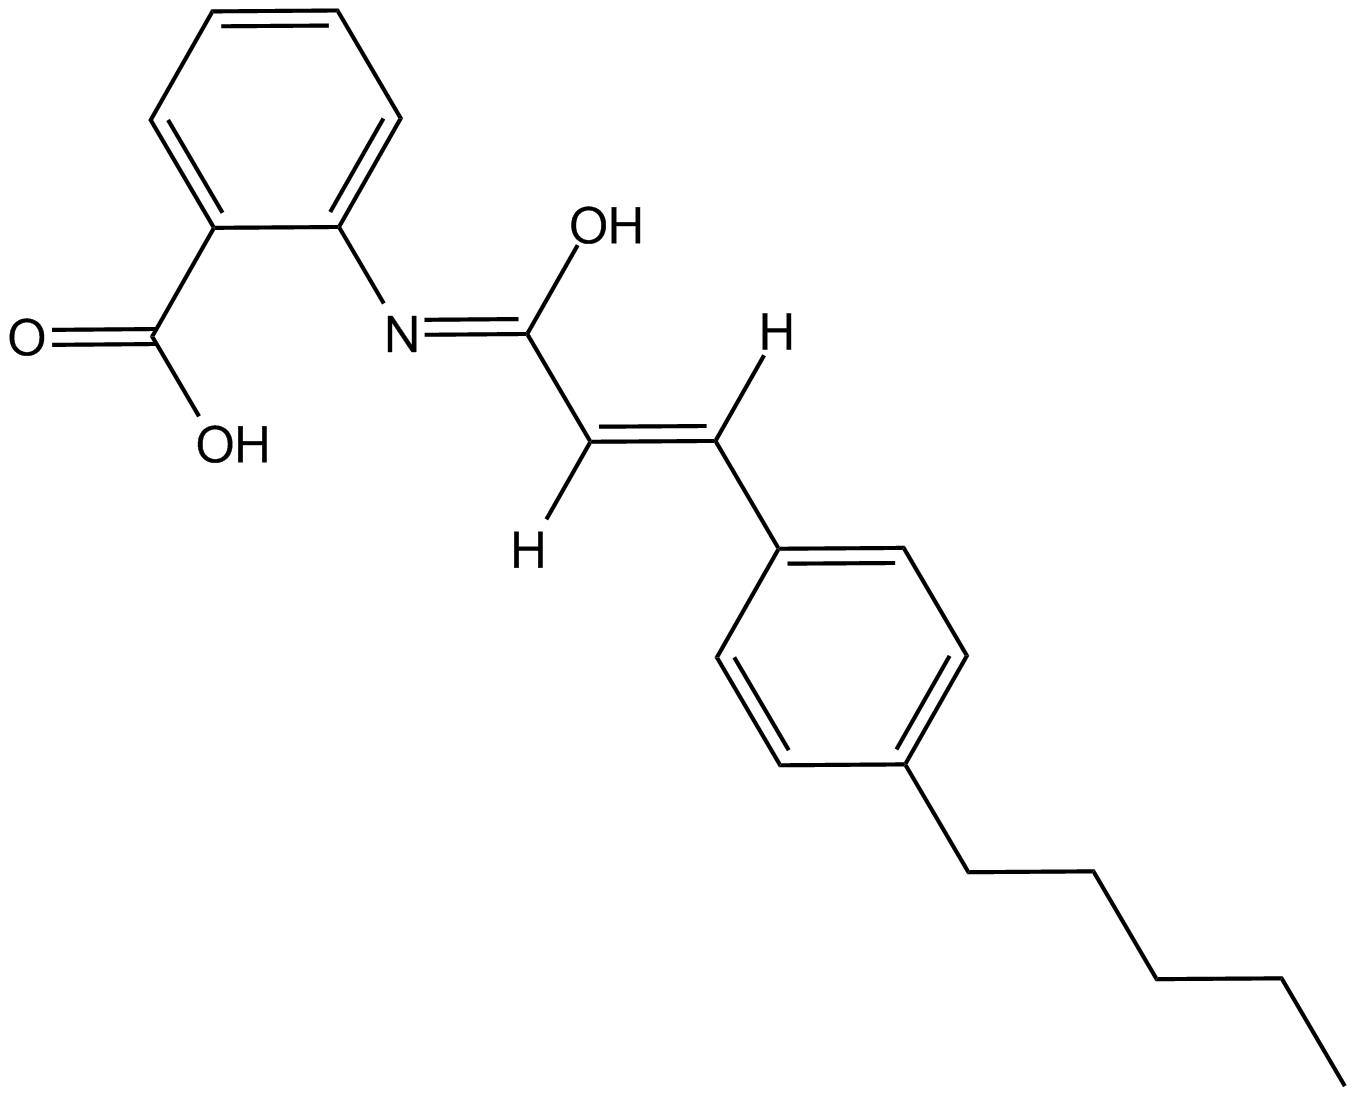 N-(p-amylcinnamoyl) Anthranilic Acid